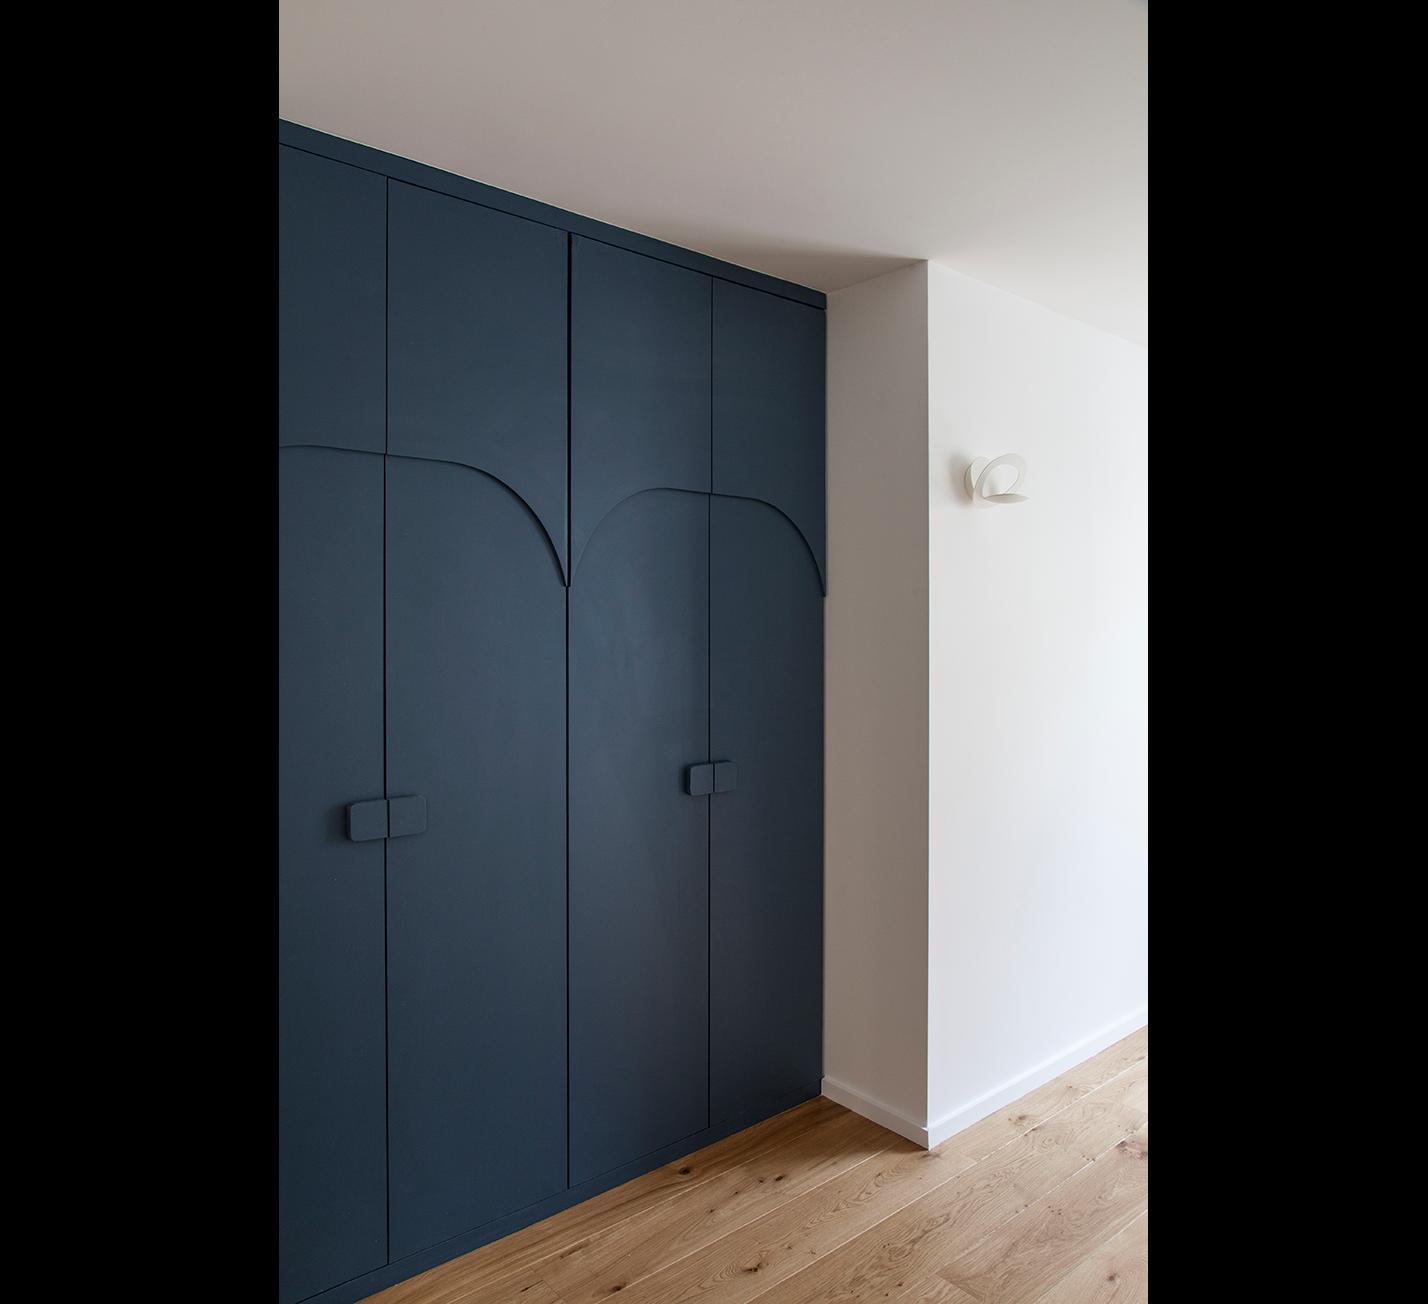 Projet-Pigalle-Atelier-Steve-Pauline-Borgia-Architecture-interieur-19